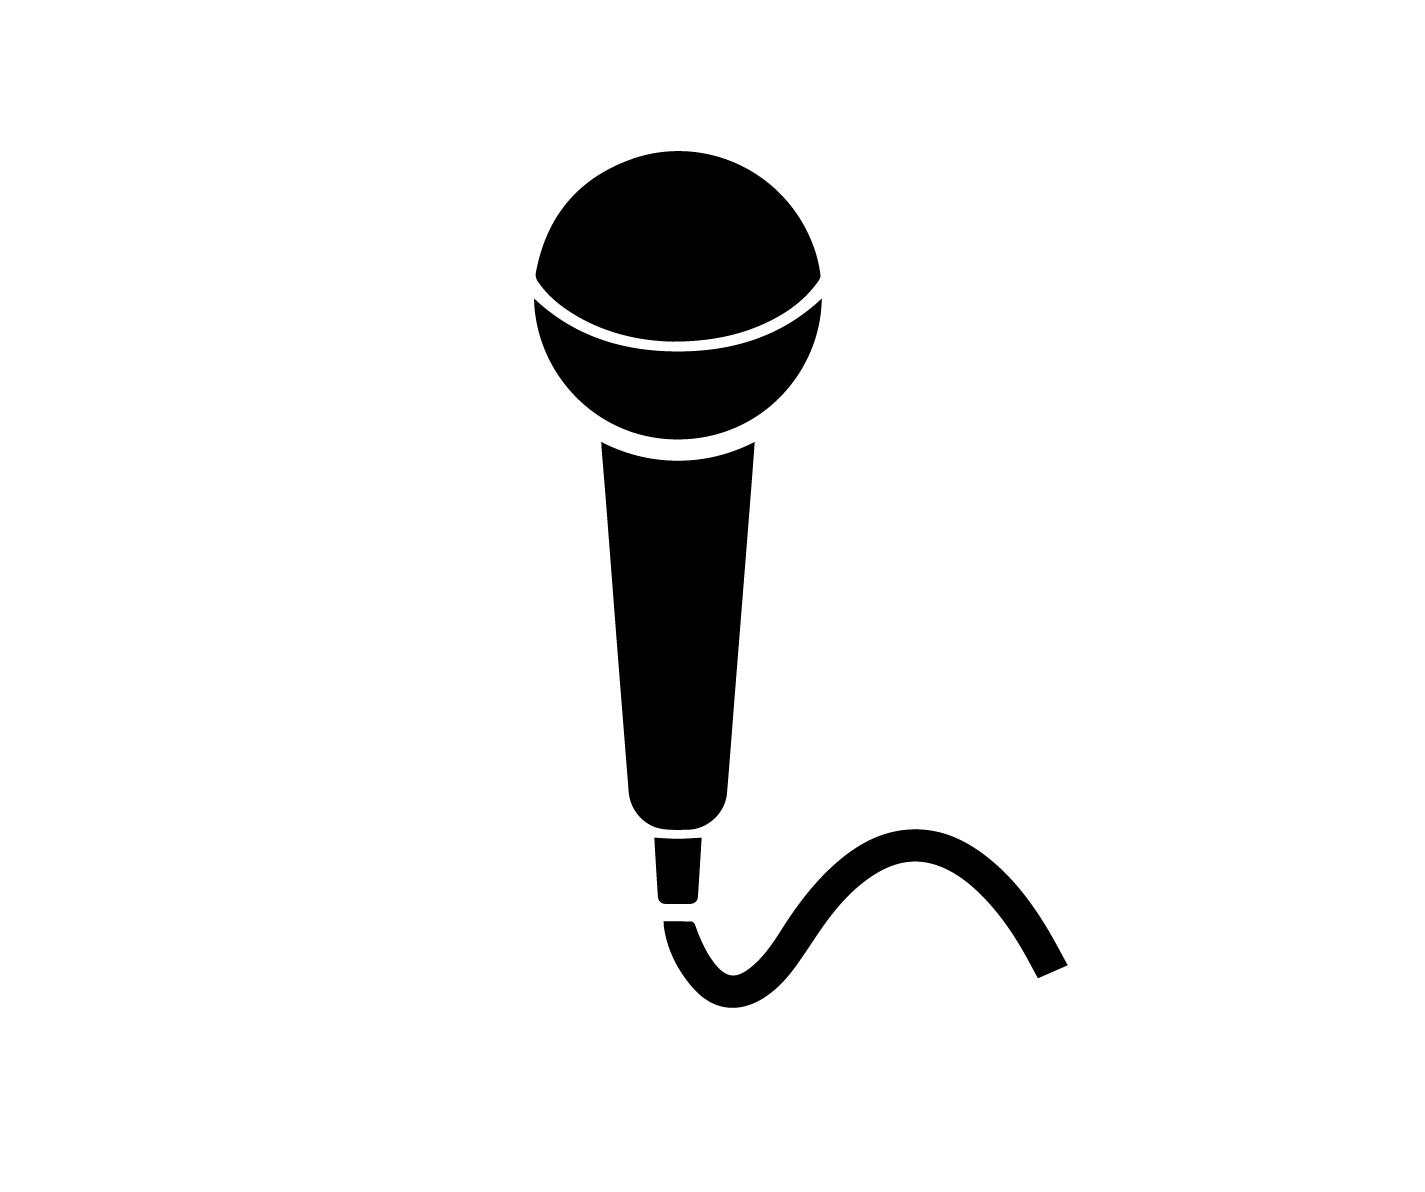 Chanceler Magalhães Pinto anuncia as exigências dos sequestradores (1° trecho); Locutor faz a leitura do manifesto dos sequestradores, conforme uma das exigências (2° trecho); Magalhães Pinto anuncia a decolagem do voo com destino a Cuba, levando 40 presos políticos (3° trecho); Libertado, o embaixador Elbrick chega à sua casa, se diz aliviado e agradece ao governo brasileiro pela sua soltura (4° trecho)